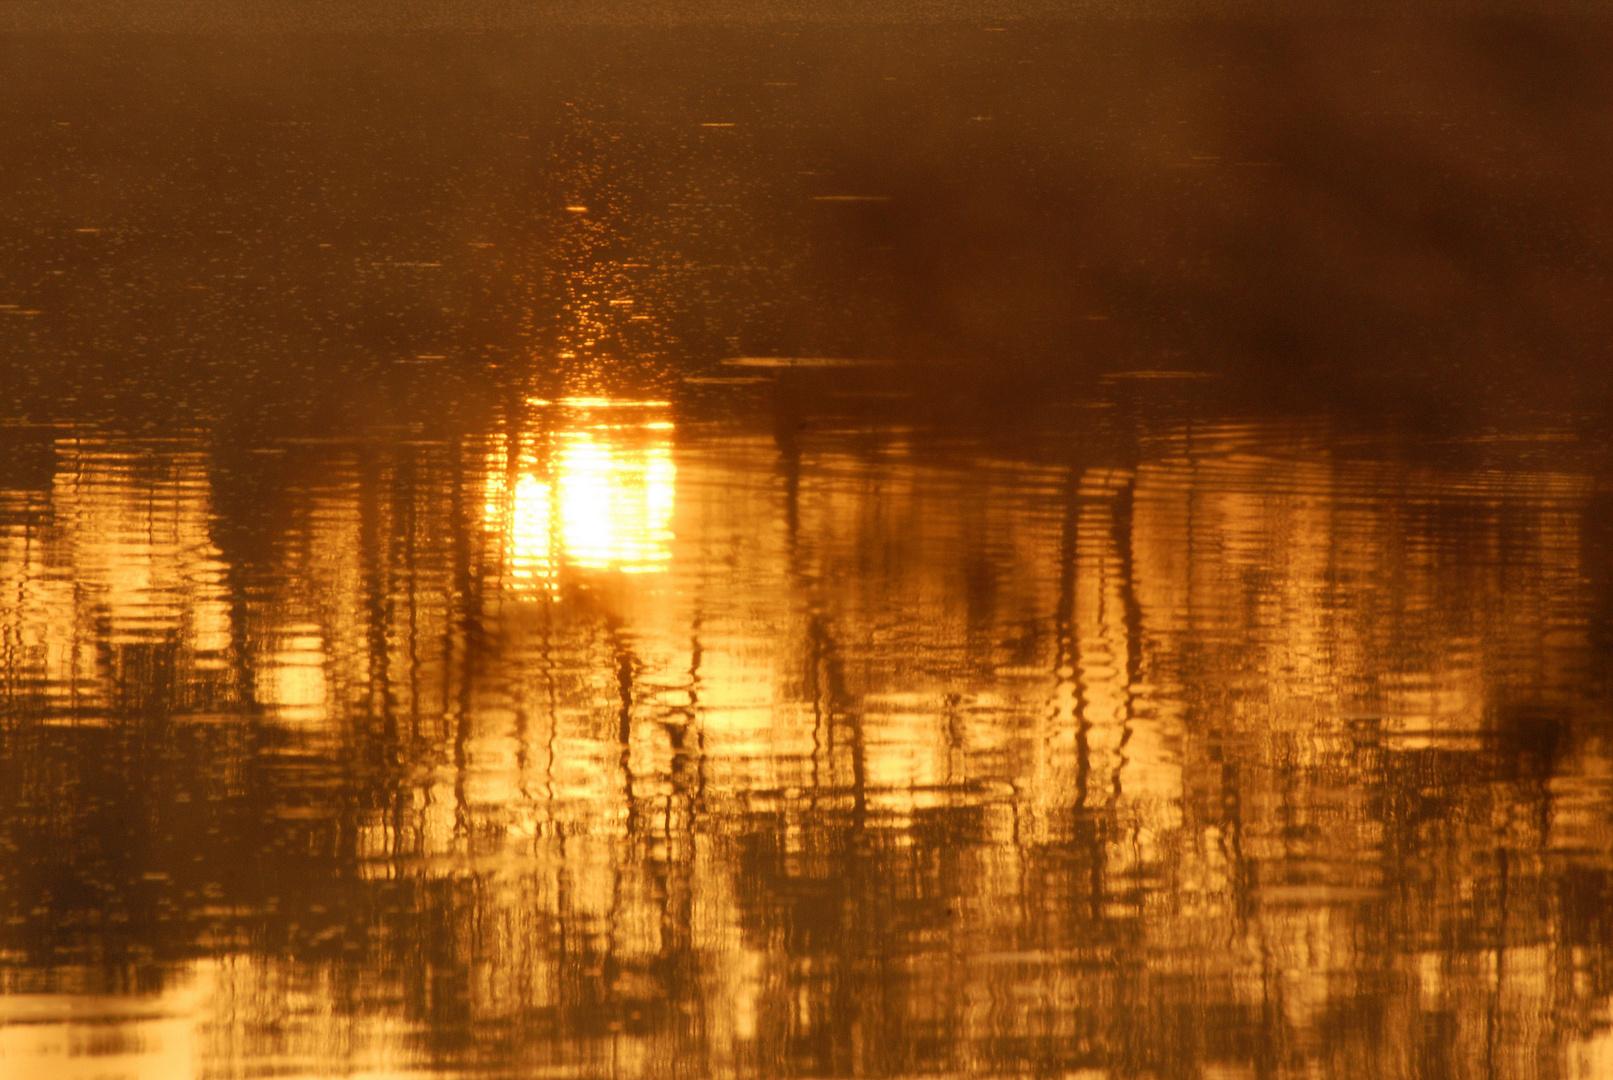 Reflet du roi soleil dans son rituel du levé